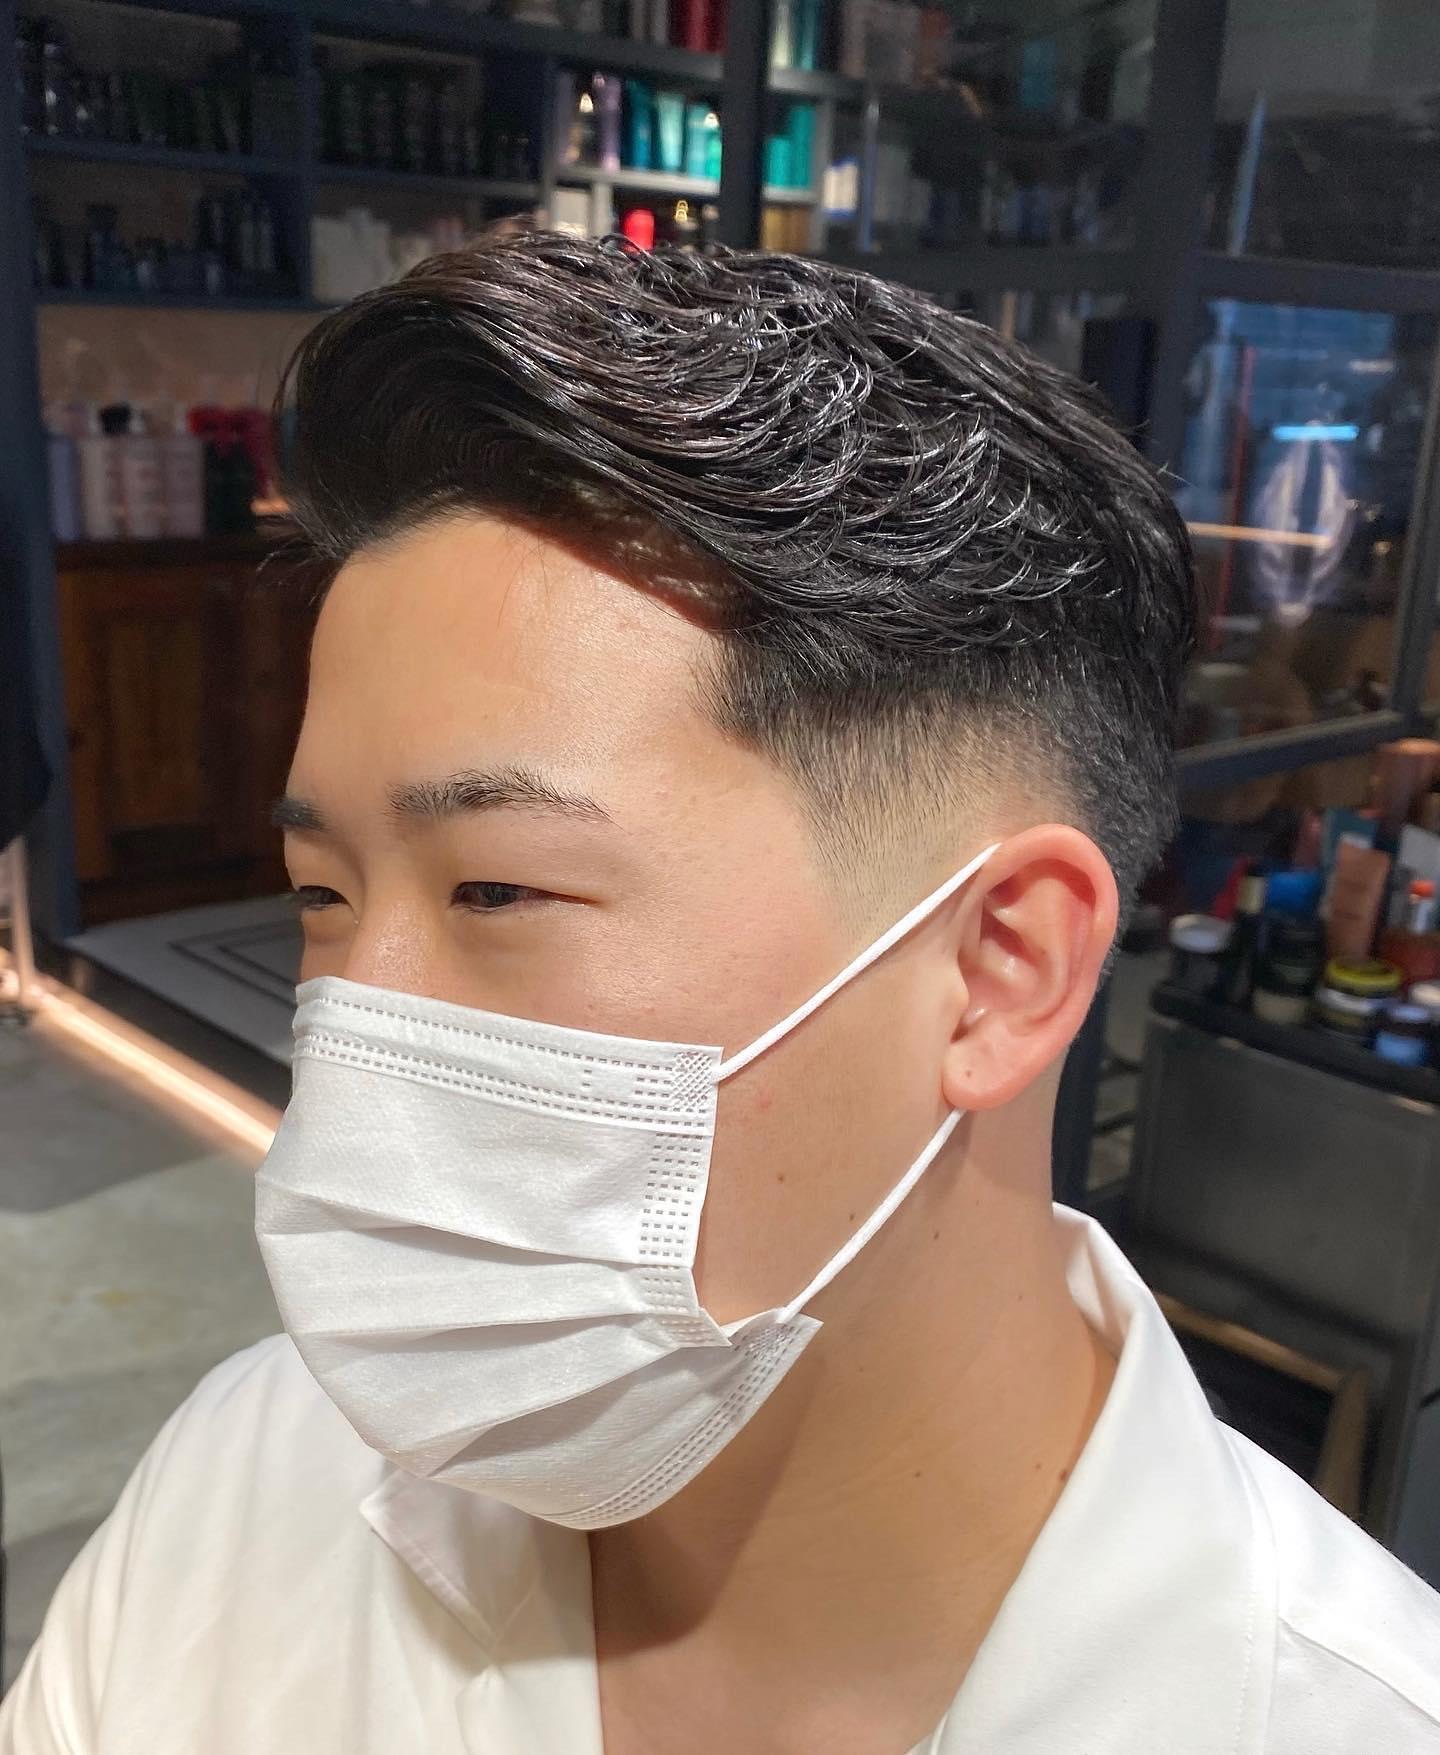 メンズグルーミングサロン 青山店 仲嶺 涼真| 1